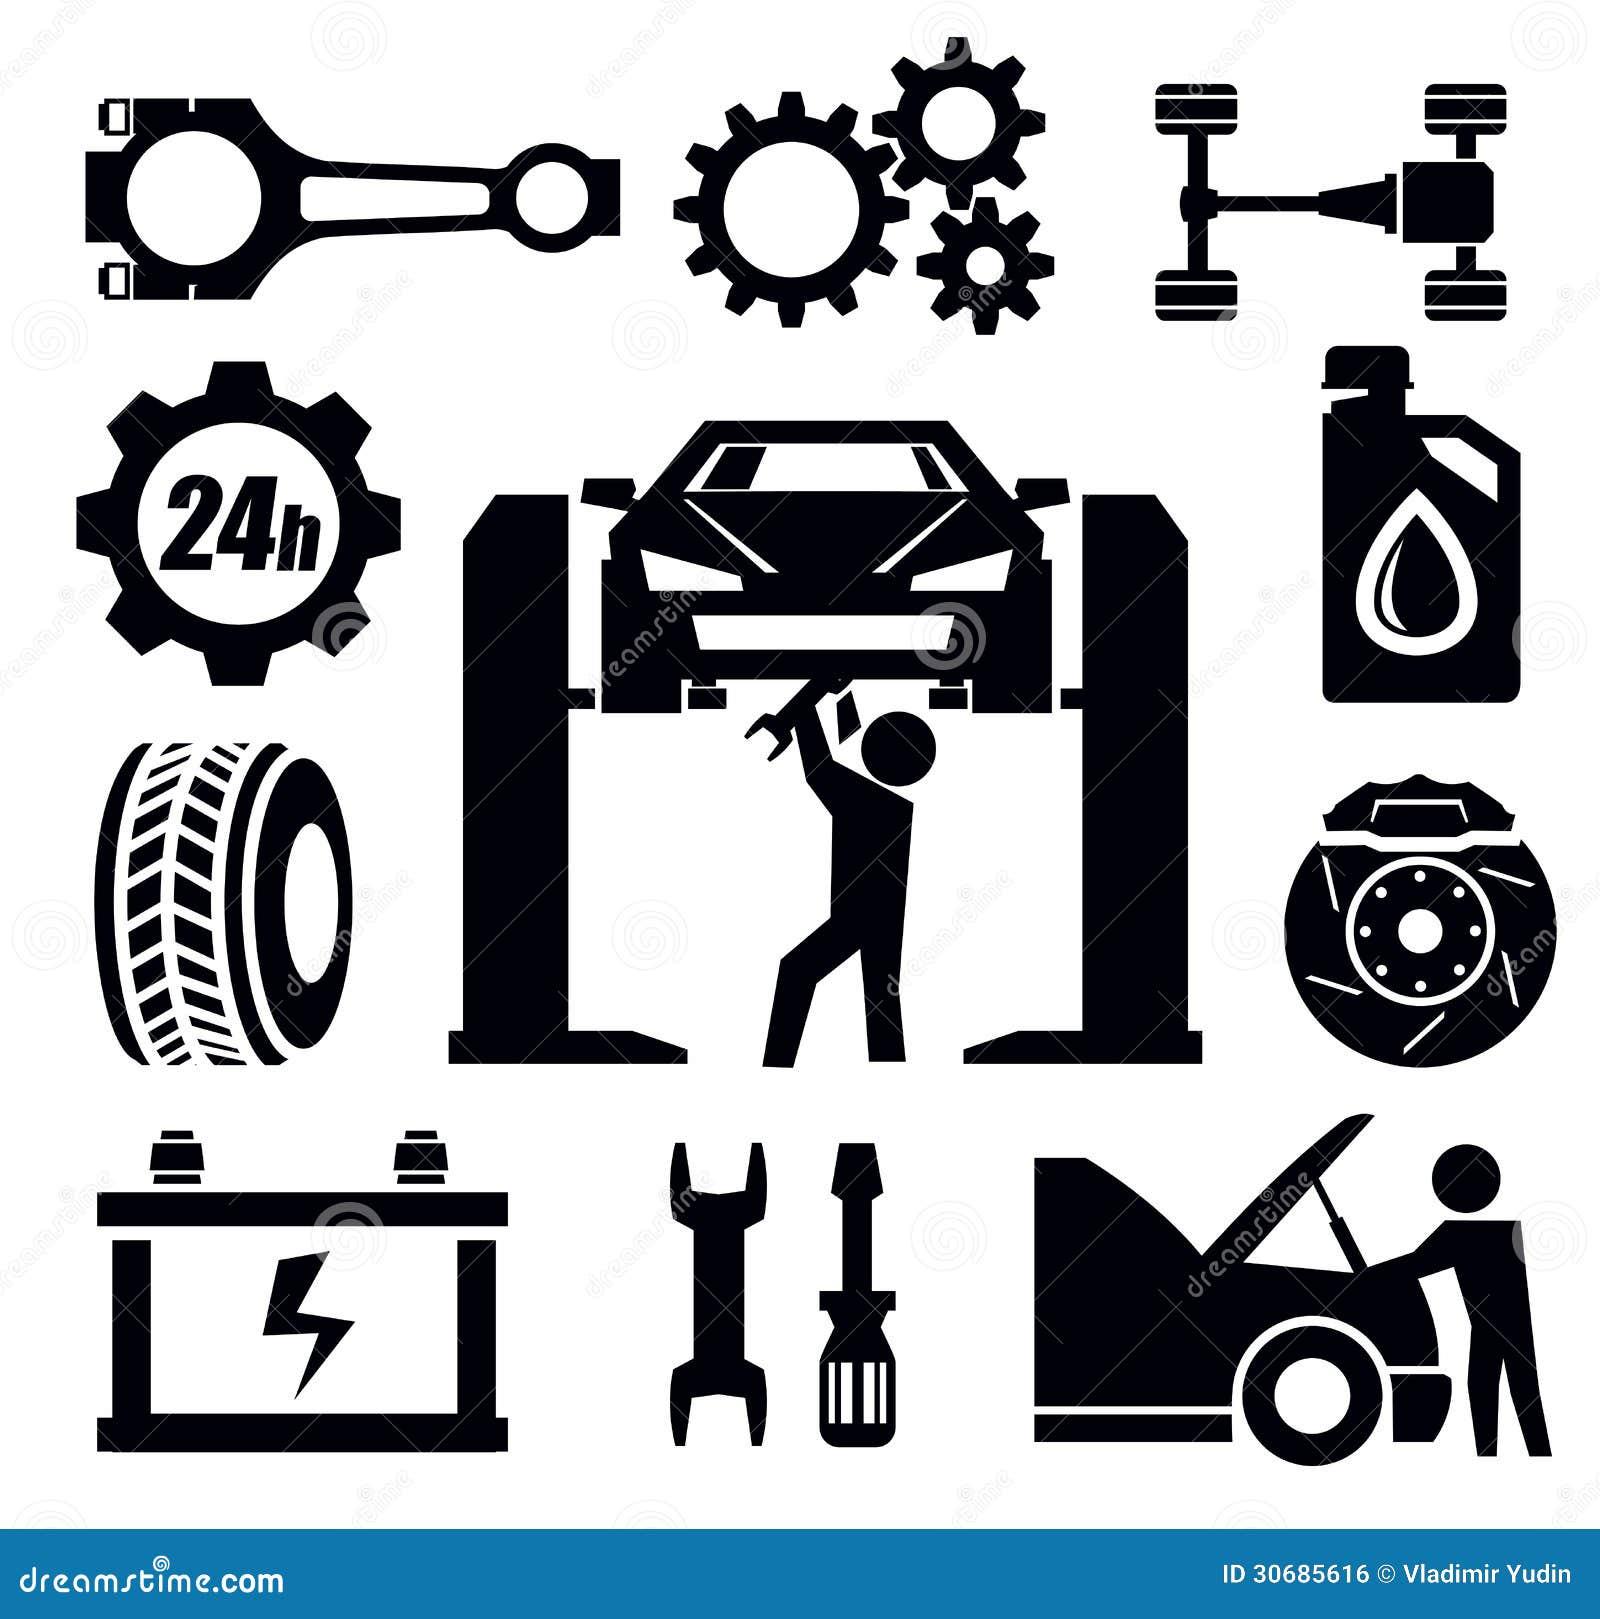 Car Repair Icon Illustration 30685616 Megapixl